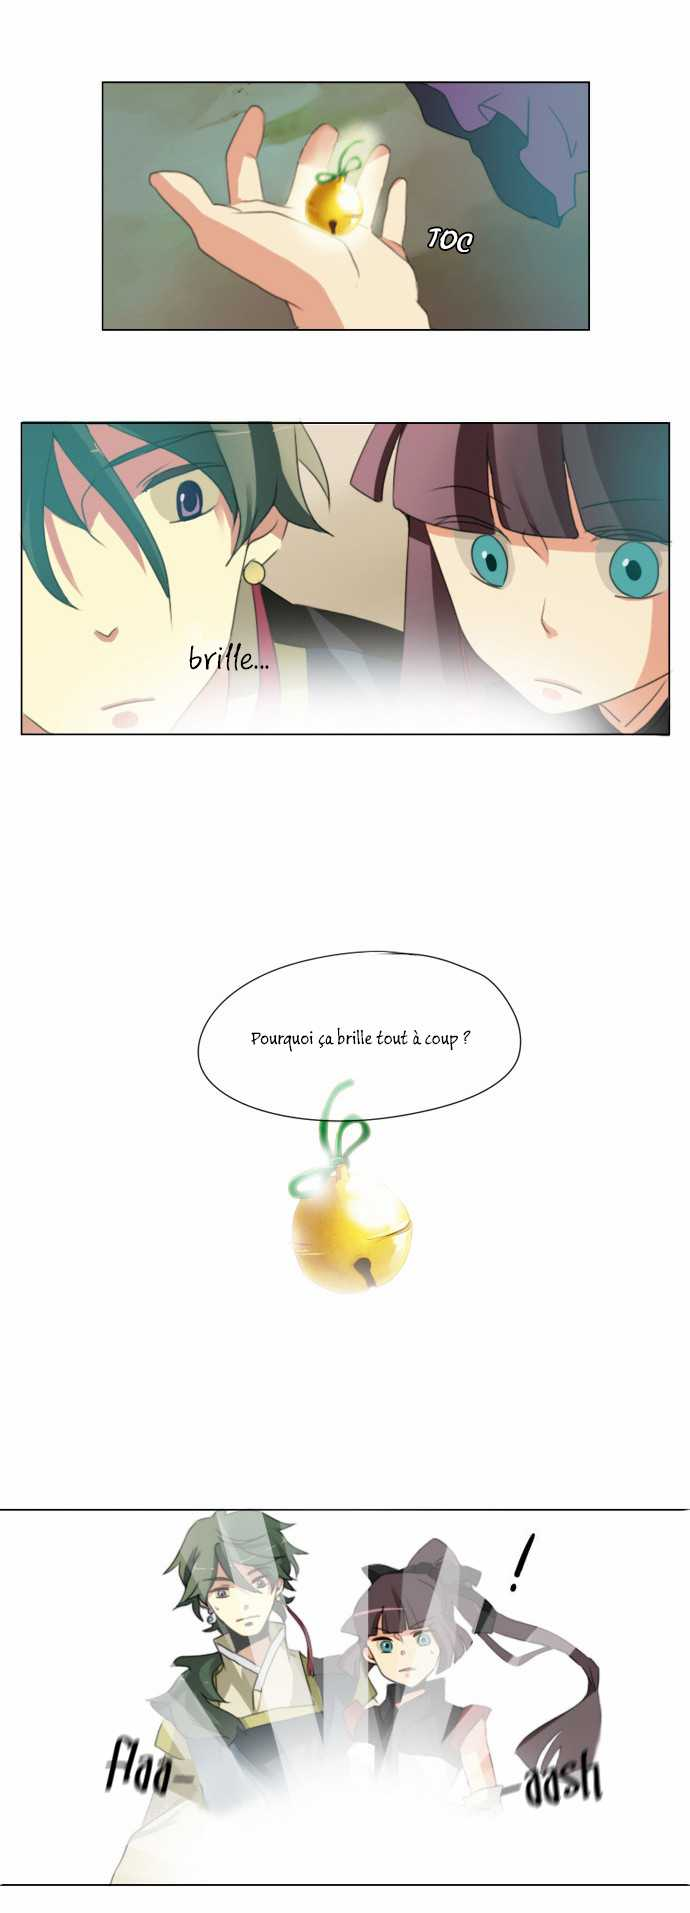 https://nine.mangadogs.com/fr_manga/pic1/1/833/40814/ShinryeongGhostBell6VF_1_7.jpg Page 2